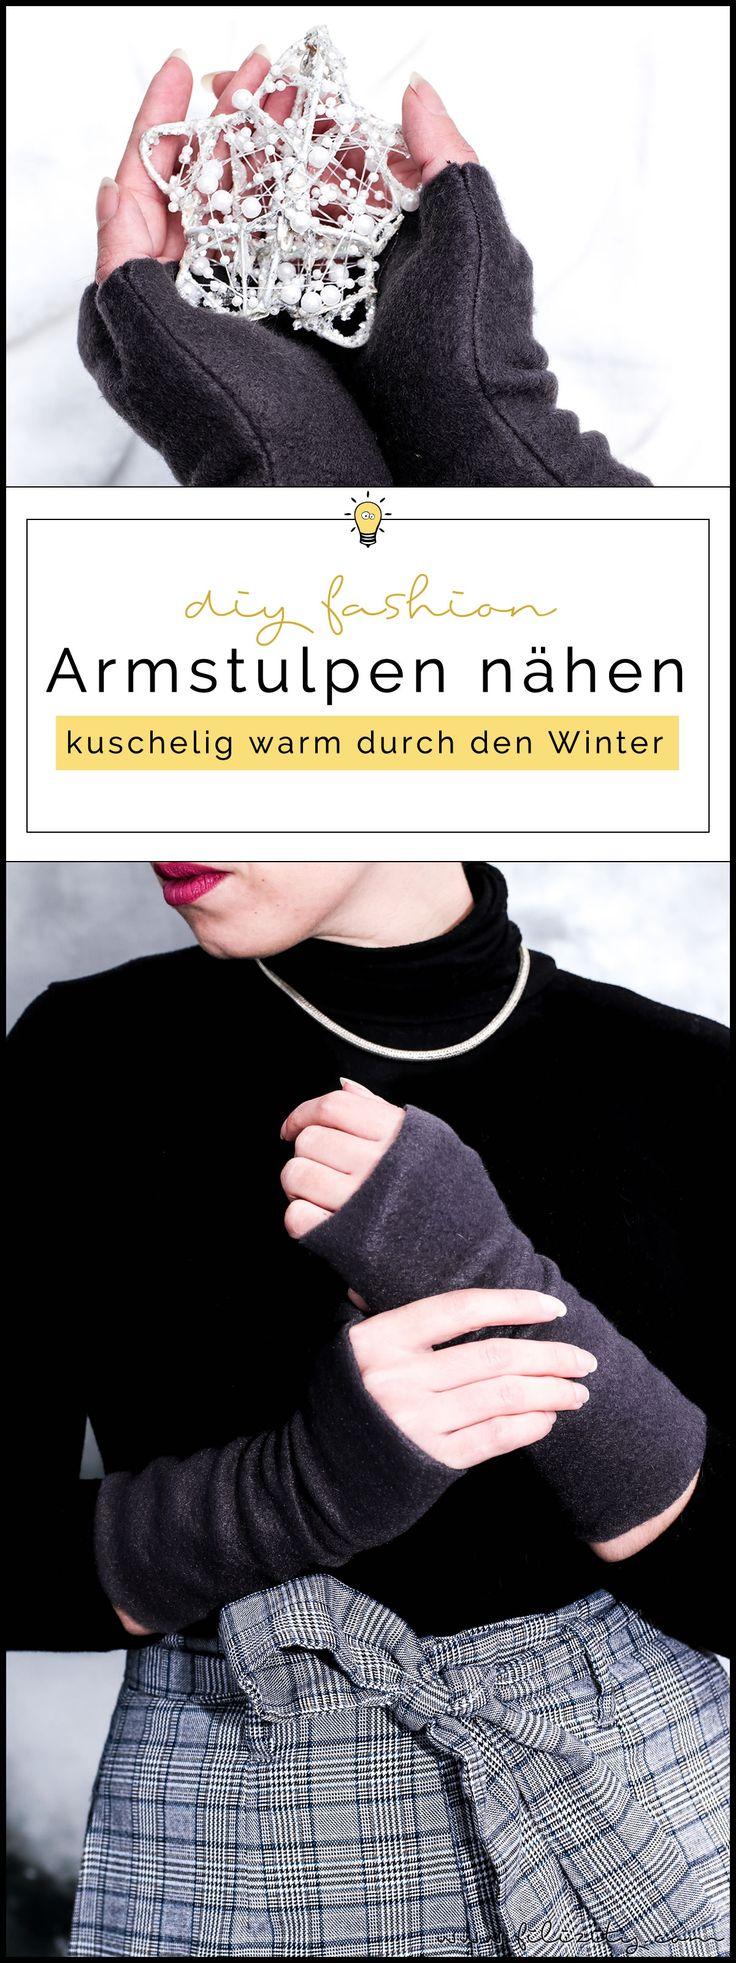 Armstulpen nähen - Winter-Accessoire und Geschenkidee zu Weihnachten | Filizity.com | DIY-Blog aus dem Rheinland #weihnachten #weihnachtsgeschenke #nähen